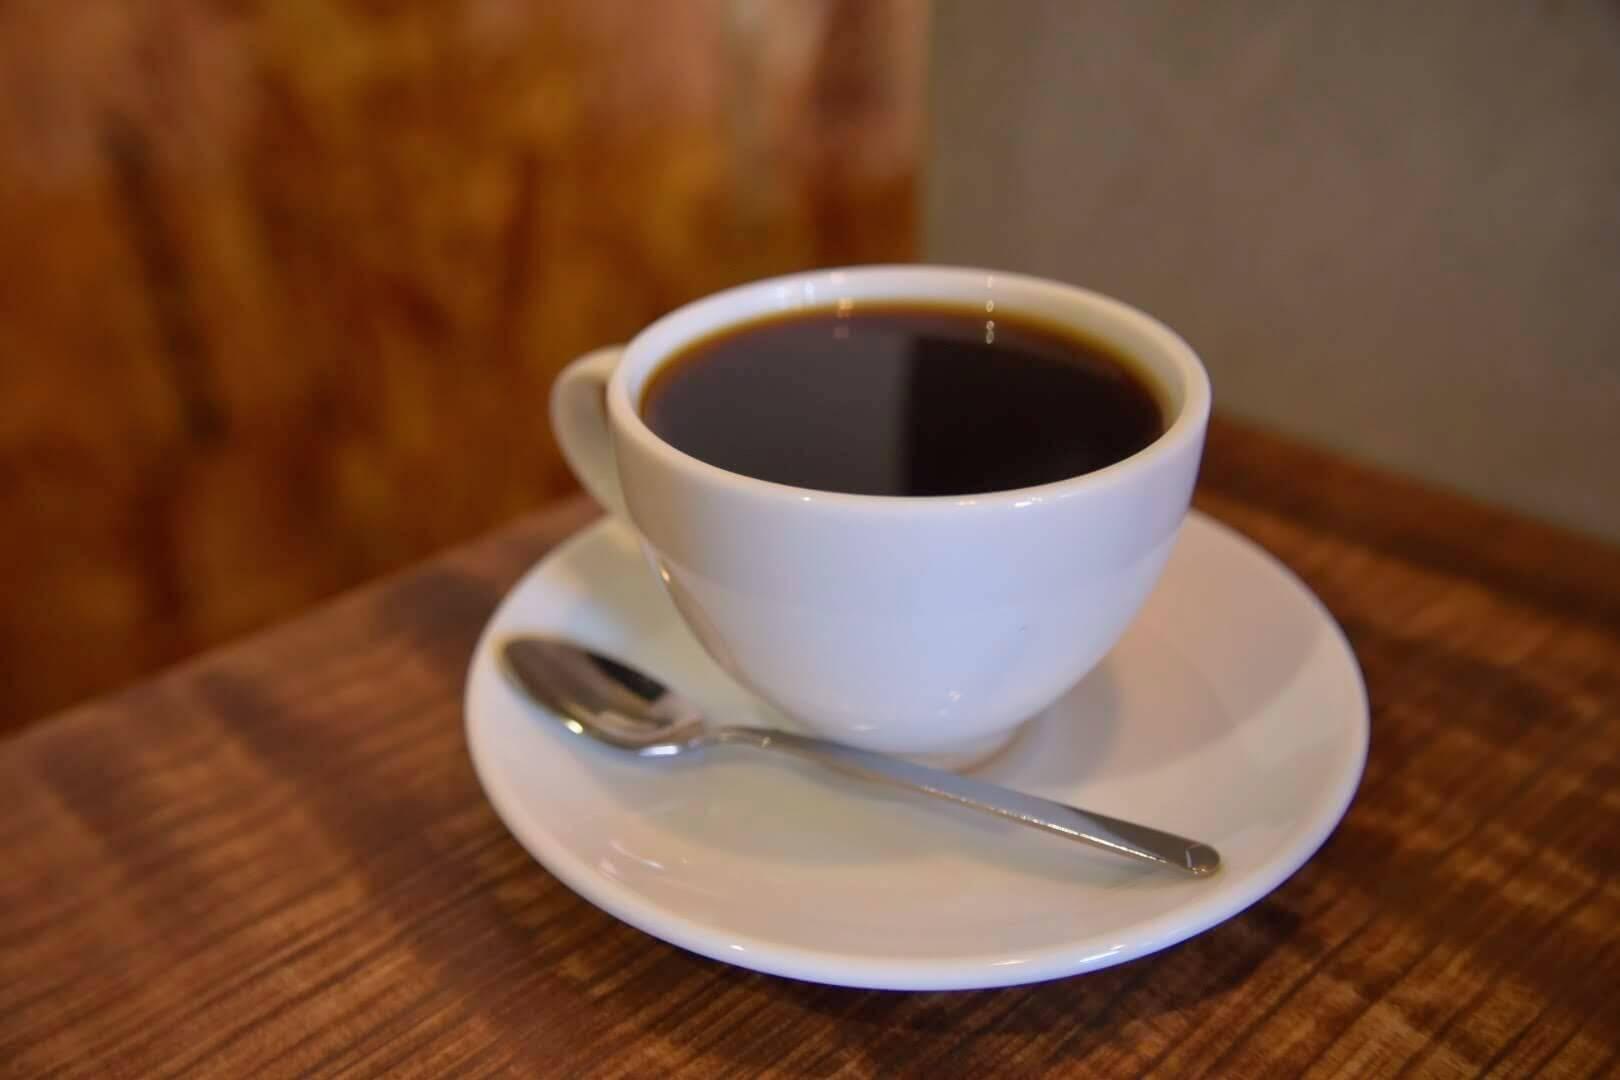 自家焙煎のこだわりホットコーヒー(マイルドブレンド)